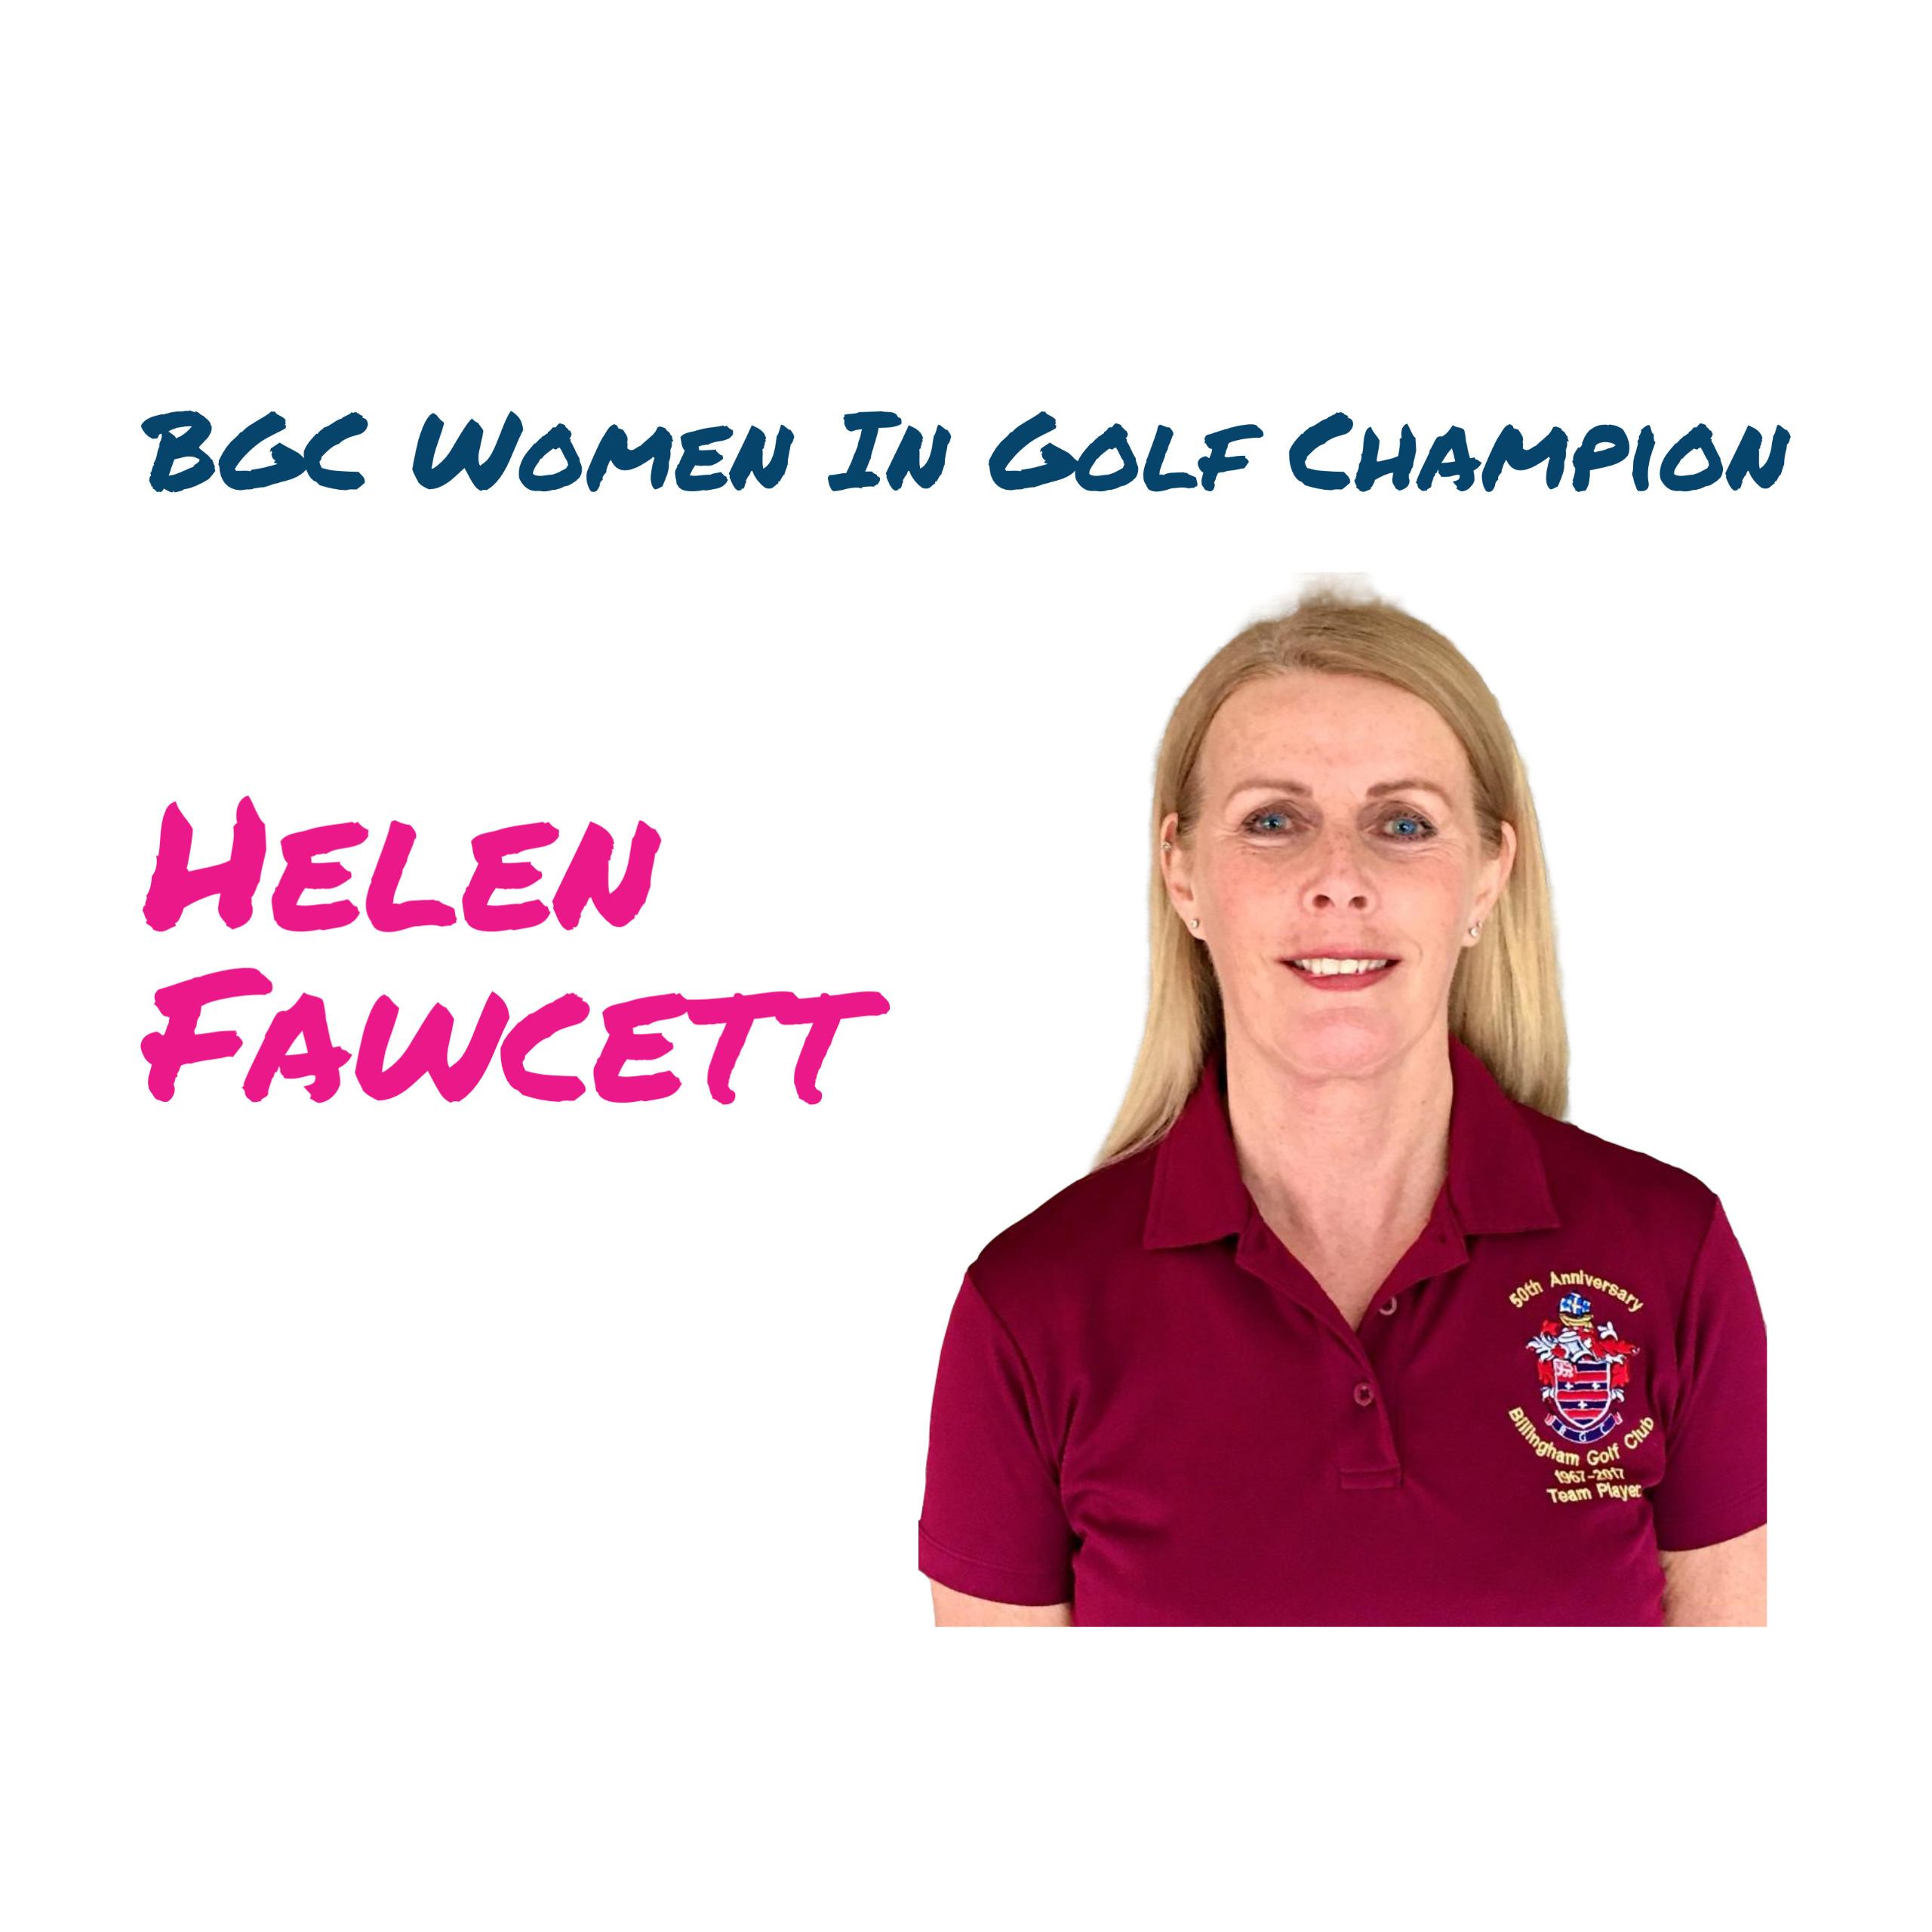 BGC Women In Golf Charter Champion Helen Fawcett